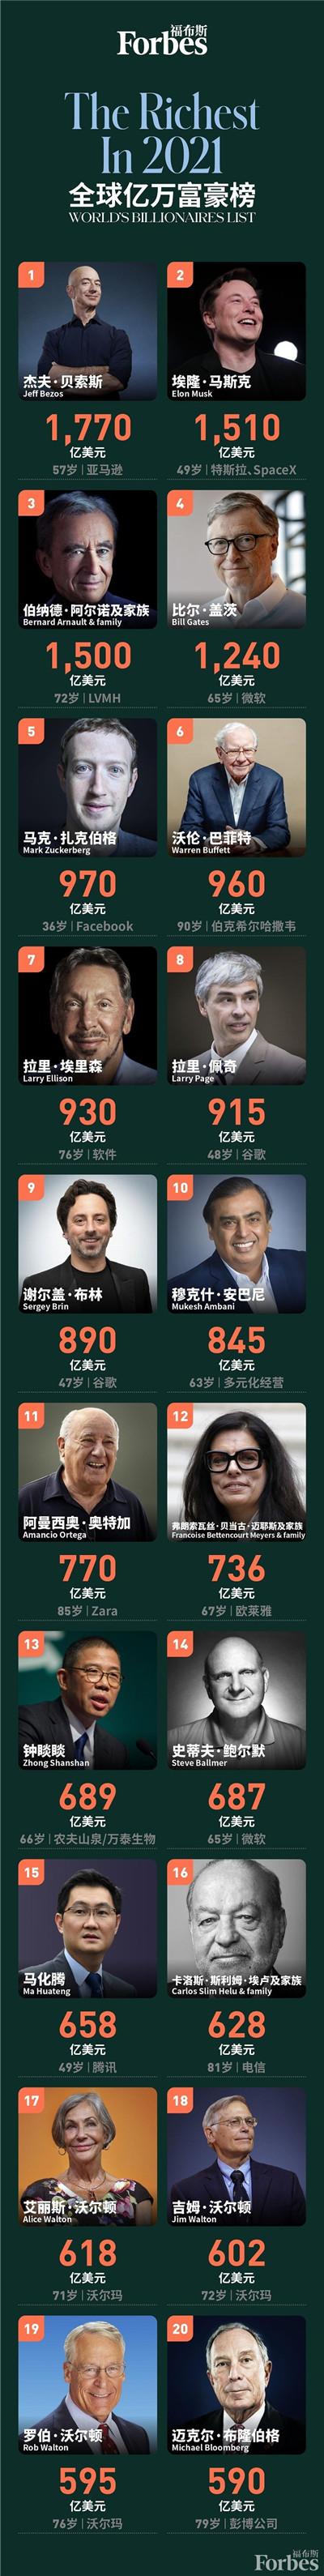 福布斯全球富豪榜发布!每17小时就诞生一个亿万富翁,中国首富再次被取代